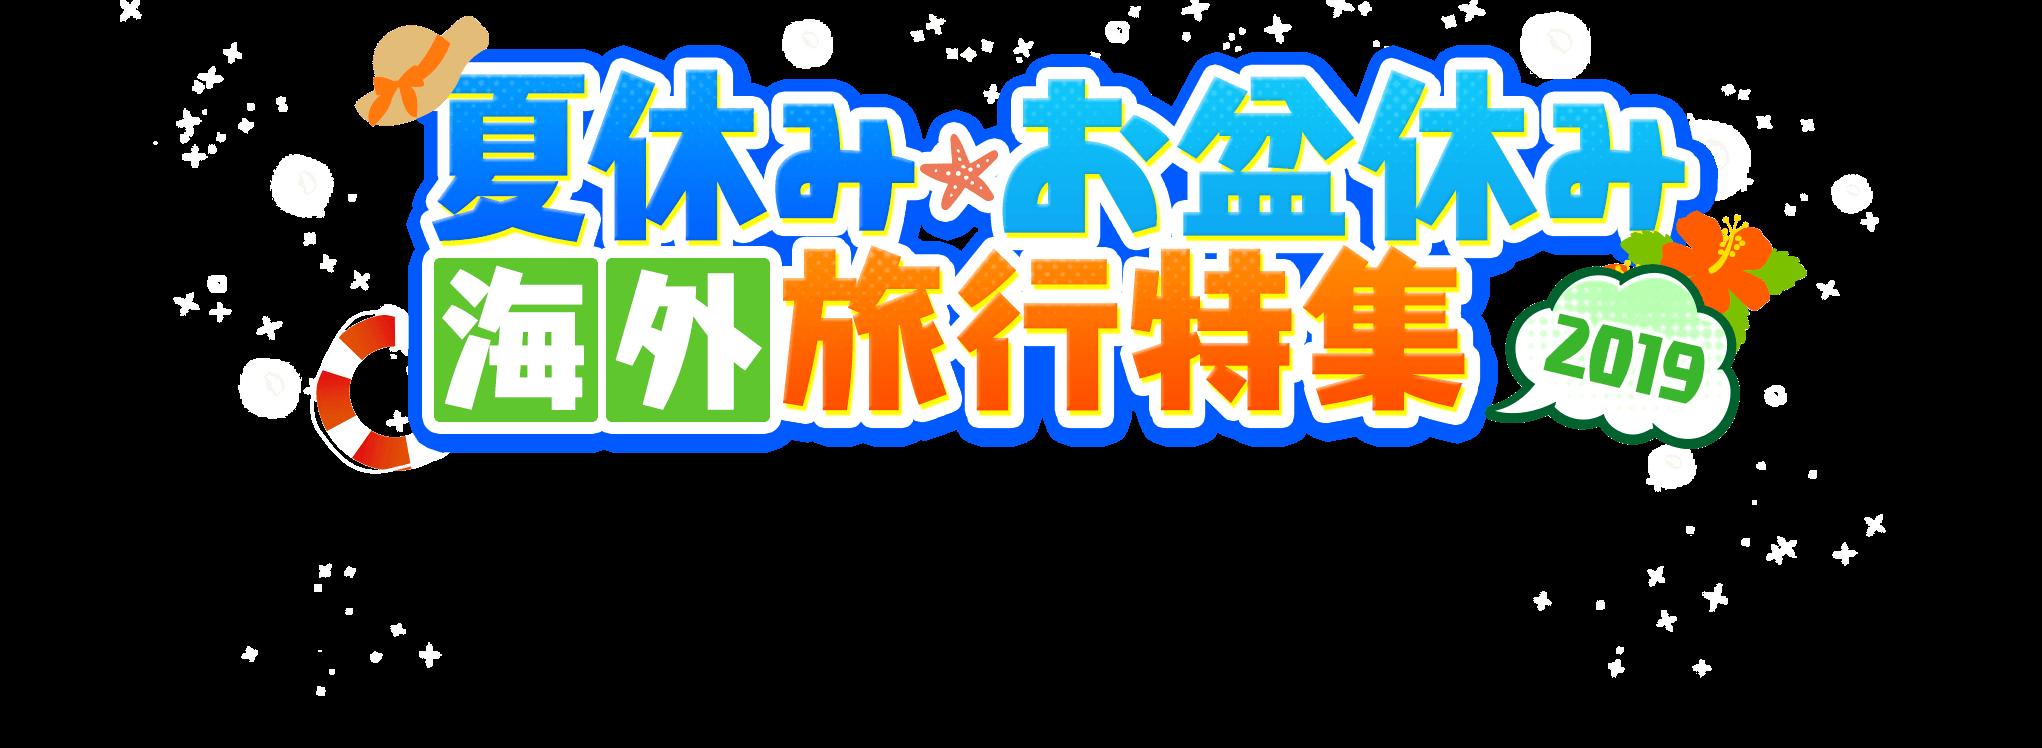 夏休み・お盆休みの海外旅行・宿泊特集2018 | 日本旅行